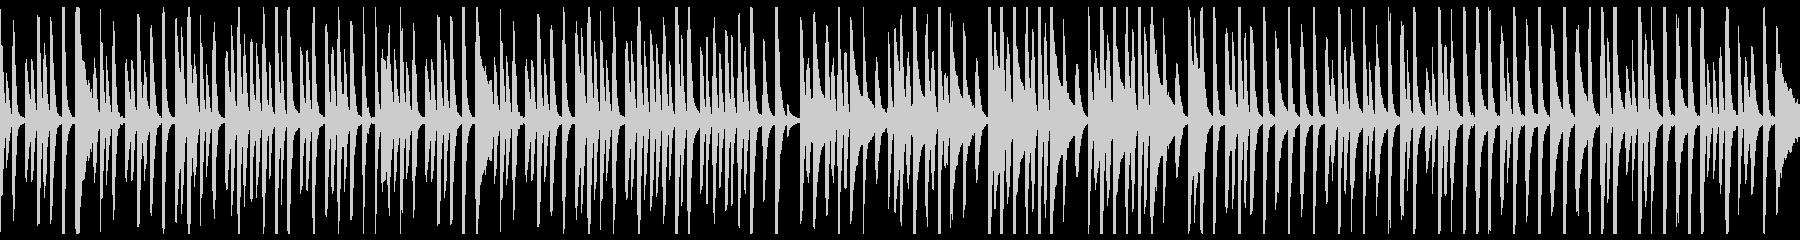 ほのぼのとした日常のピアノ曲(ループ可)の未再生の波形